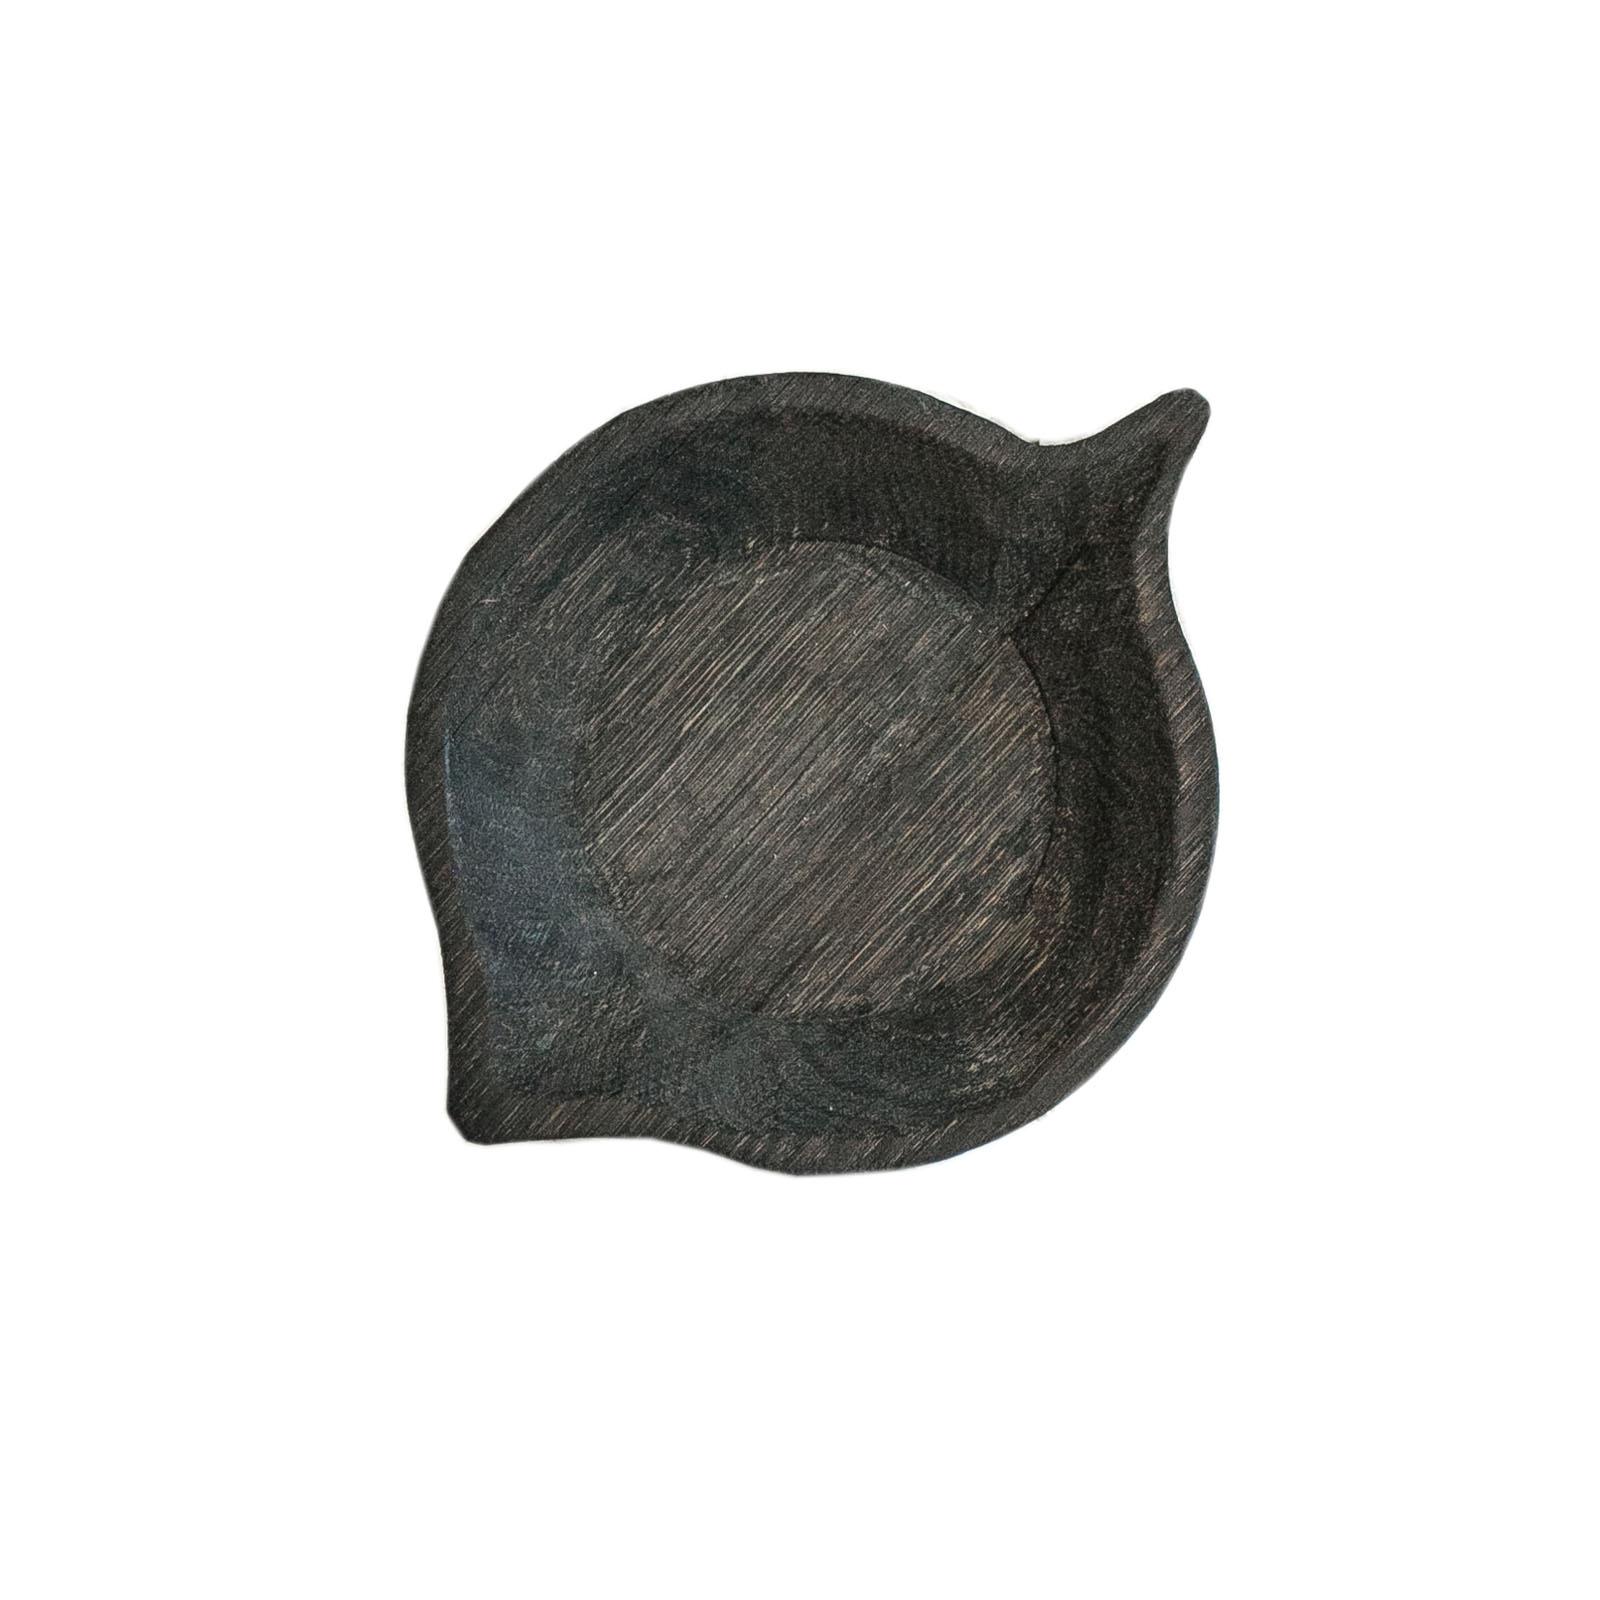 Тарелка Блюдце ольхаДекоративные блюда<br>&amp;quot;Листья&amp;quot; - коллекция дубовых тарелок и блюдец. Сделана вручную. Покрытие: льняное масло. Ее внутренняя поверхность идеально зашлифована. При необходимости можно обновлять покрытие, протерев поверхность тряпочкой, смоченной льняным маслом. После влажной обработки ее нужно протирать полотенцем. Тарелка не предназначена для длительного хранения жидкостей. Из-за специфики ручного труда все предметы отличаются друг от друга.<br><br>Material: Дуб<br>Length см: 18,5<br>Width см: 13<br>Depth см: None<br>Height см: 1,5